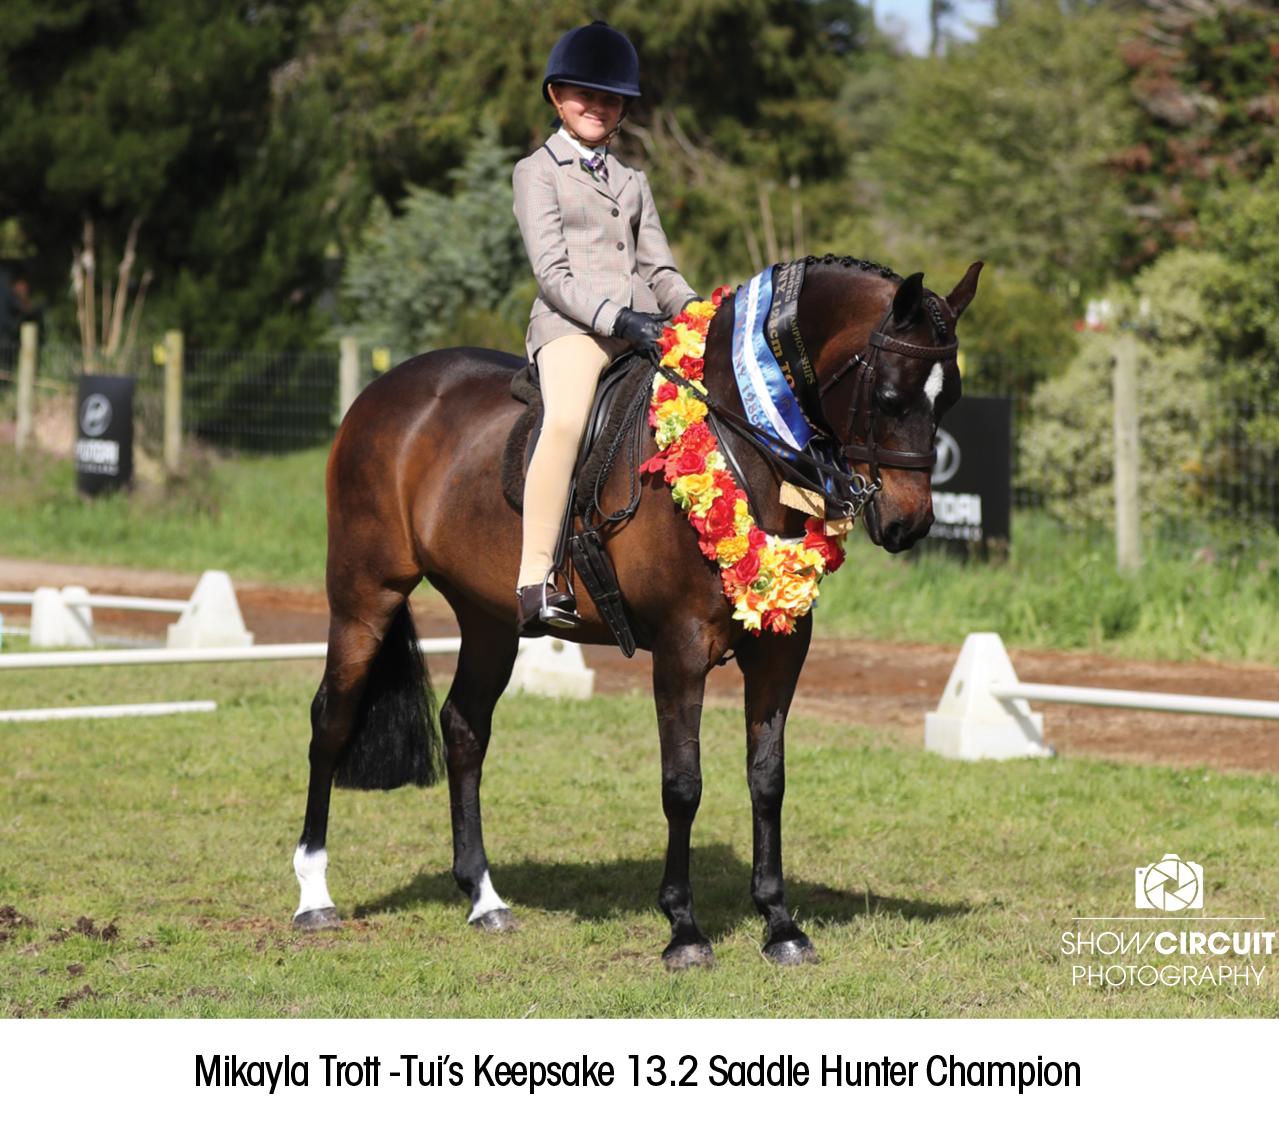 Mikayla_Trott_-Tui's_Keepsake_13.2_Saddle_Hunter_Champion